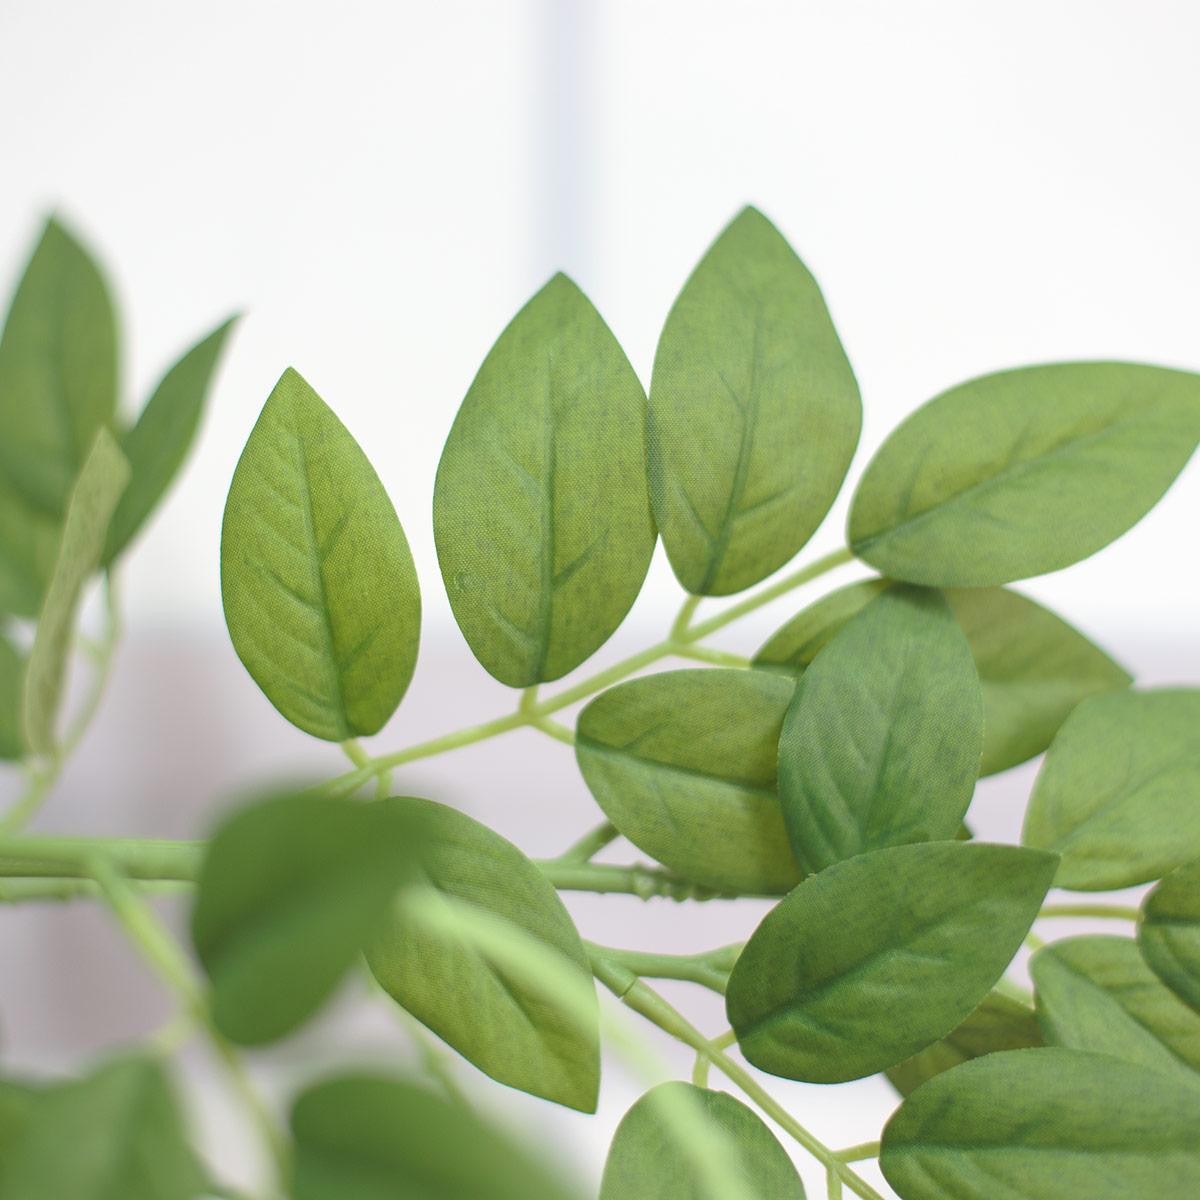 초록 잎사귀 디테일 사진